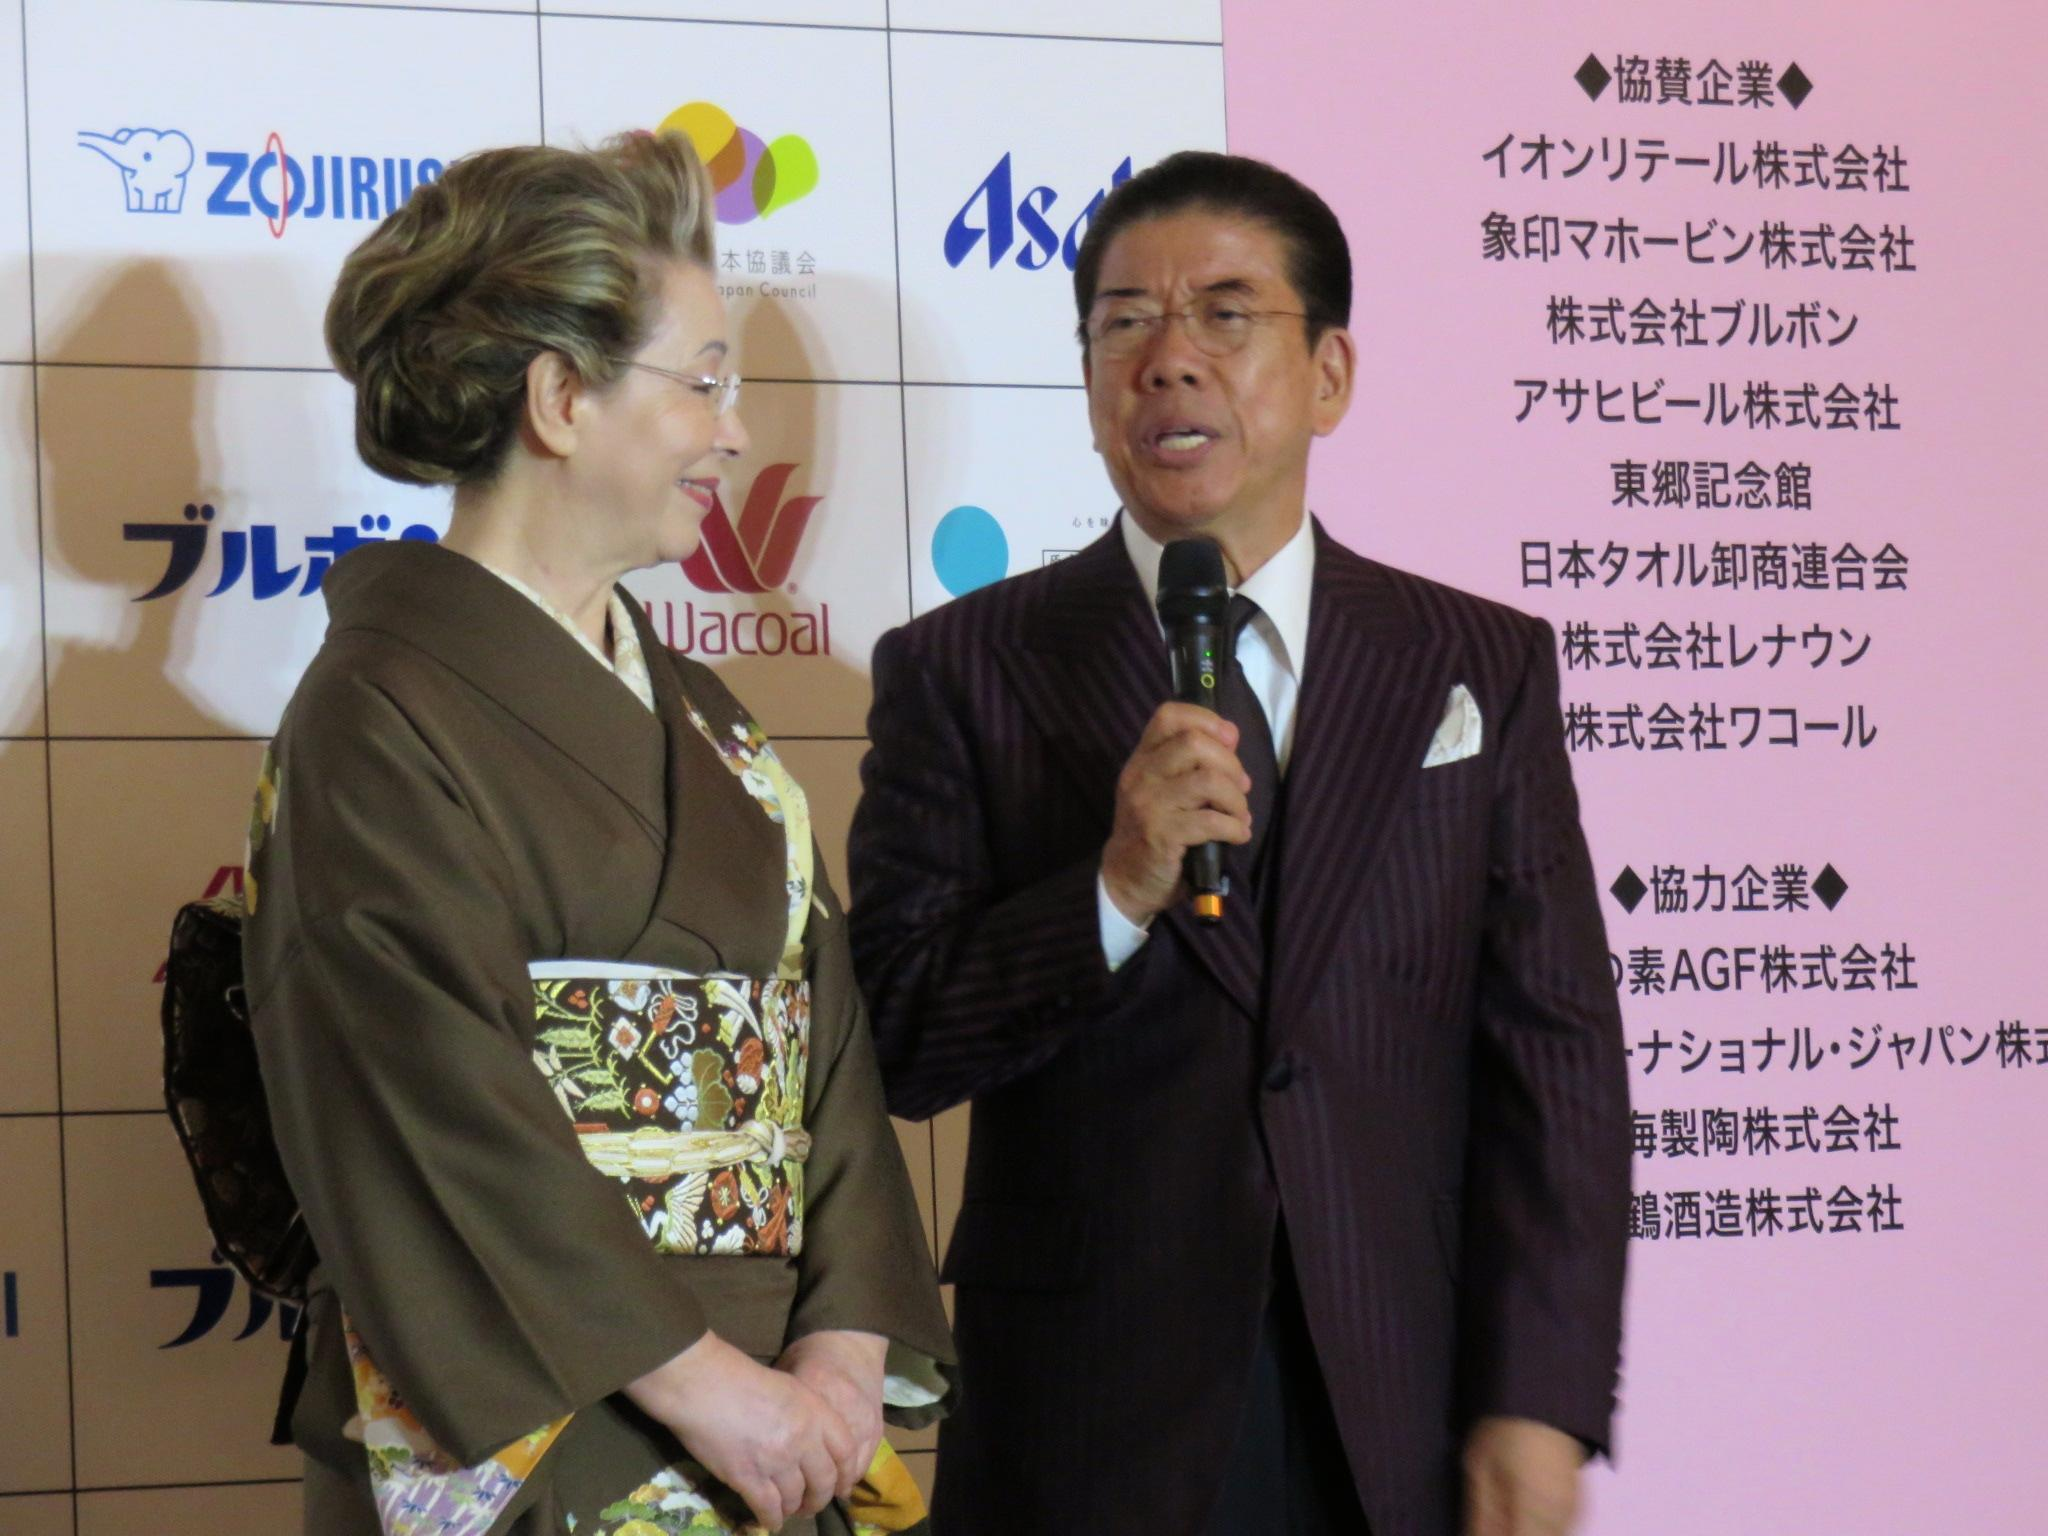 http://news.yoshimoto.co.jp/20171113222033-7c799d96b61f43066d4d0496721cb4ec5c23ab94.jpg